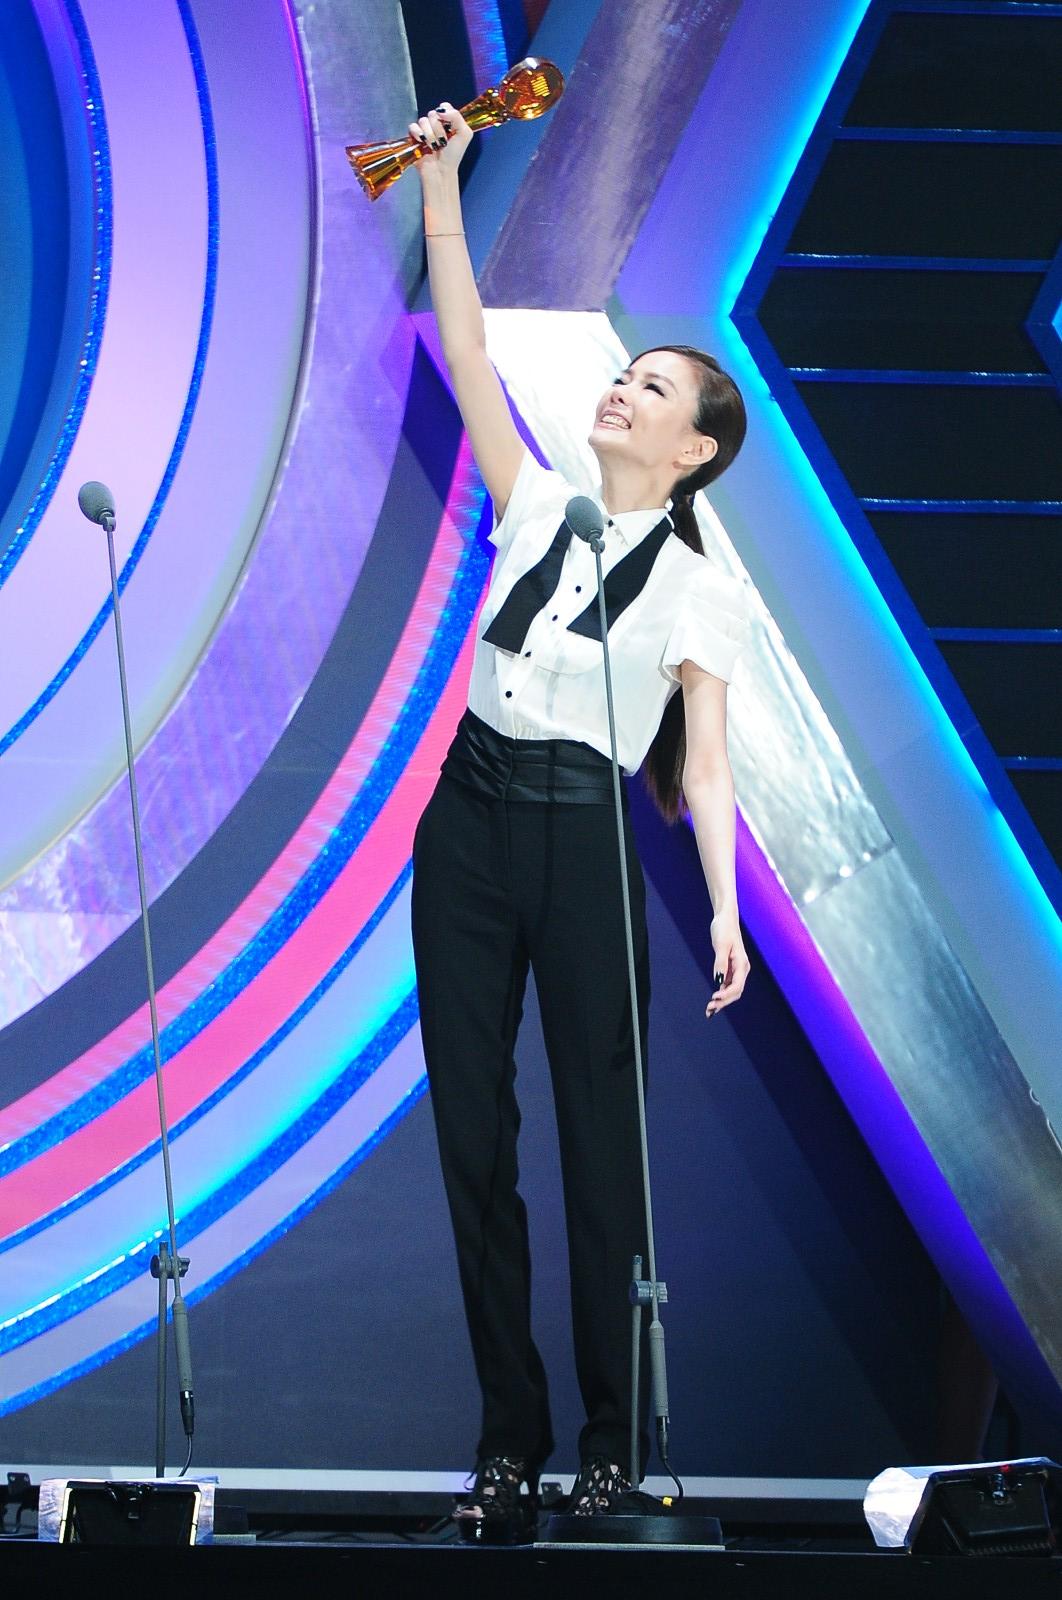 謝金燕獲「最佳臺語女歌手獎」 感謝名單避開豬哥亮 - WoWoNews